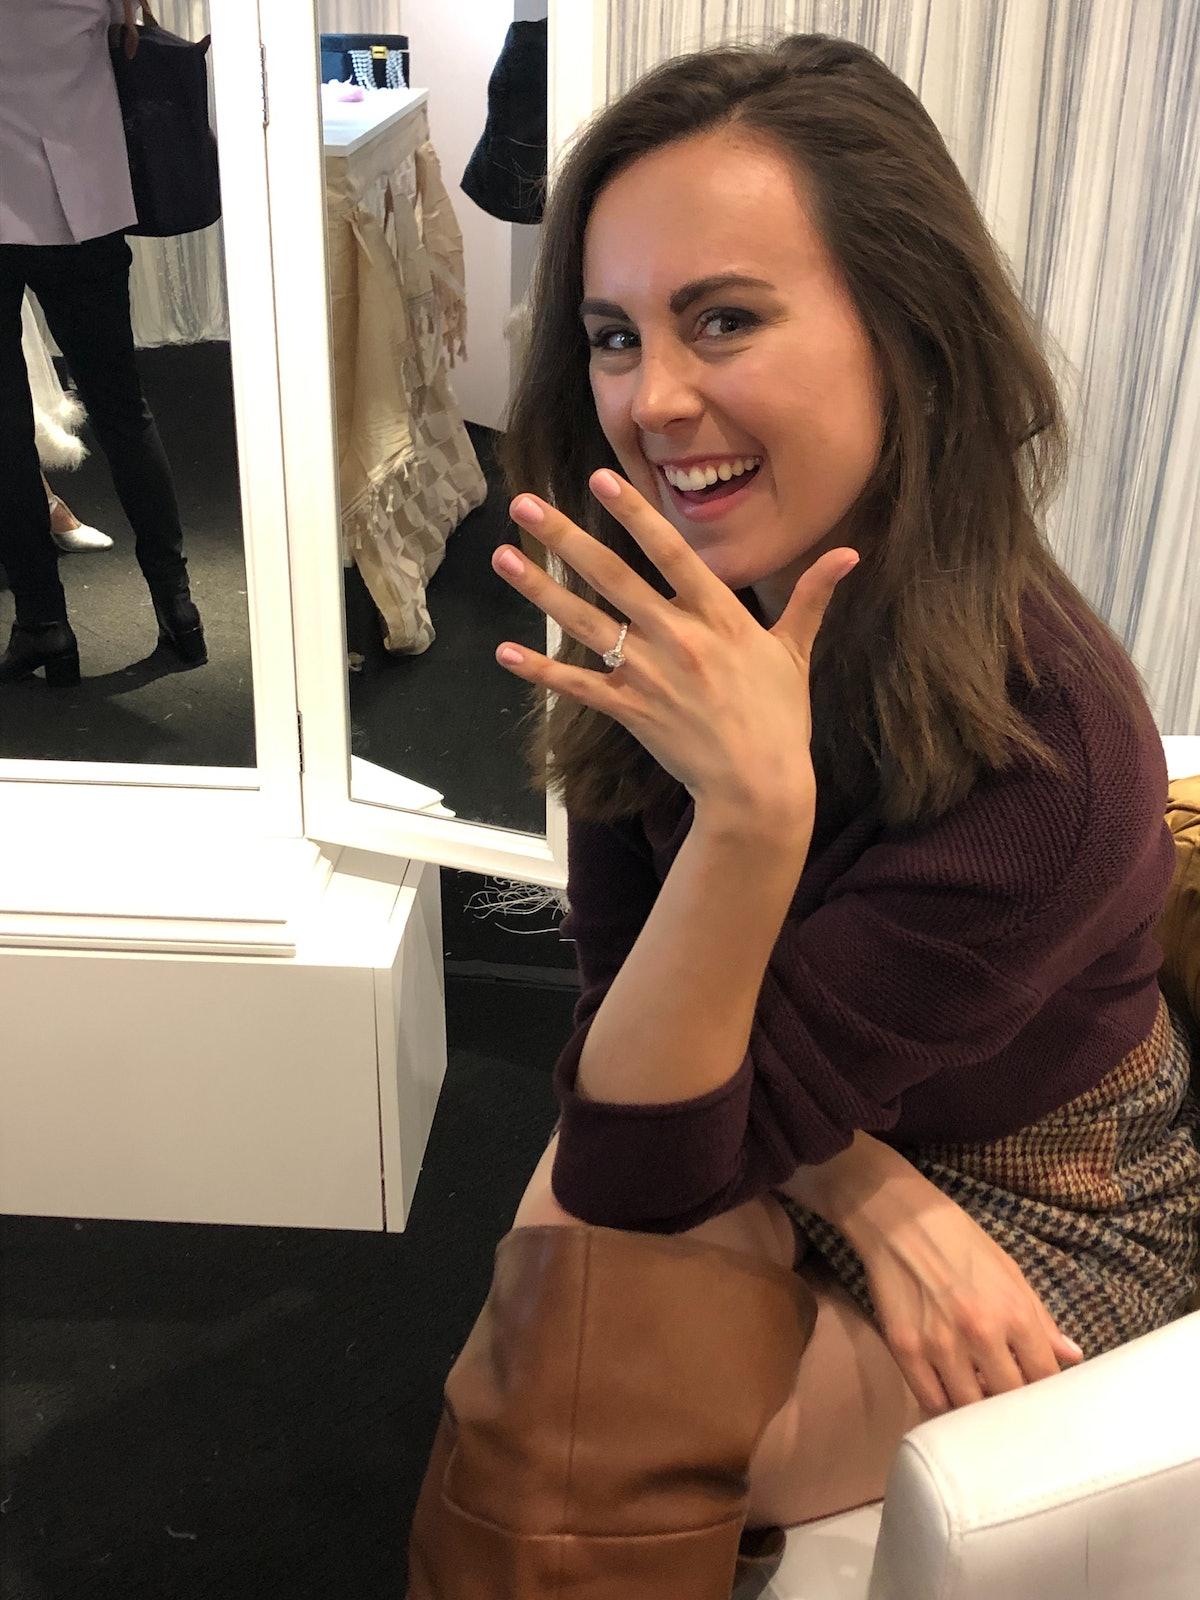 trying on Neil Lane rings made me feel like a Bachelor star